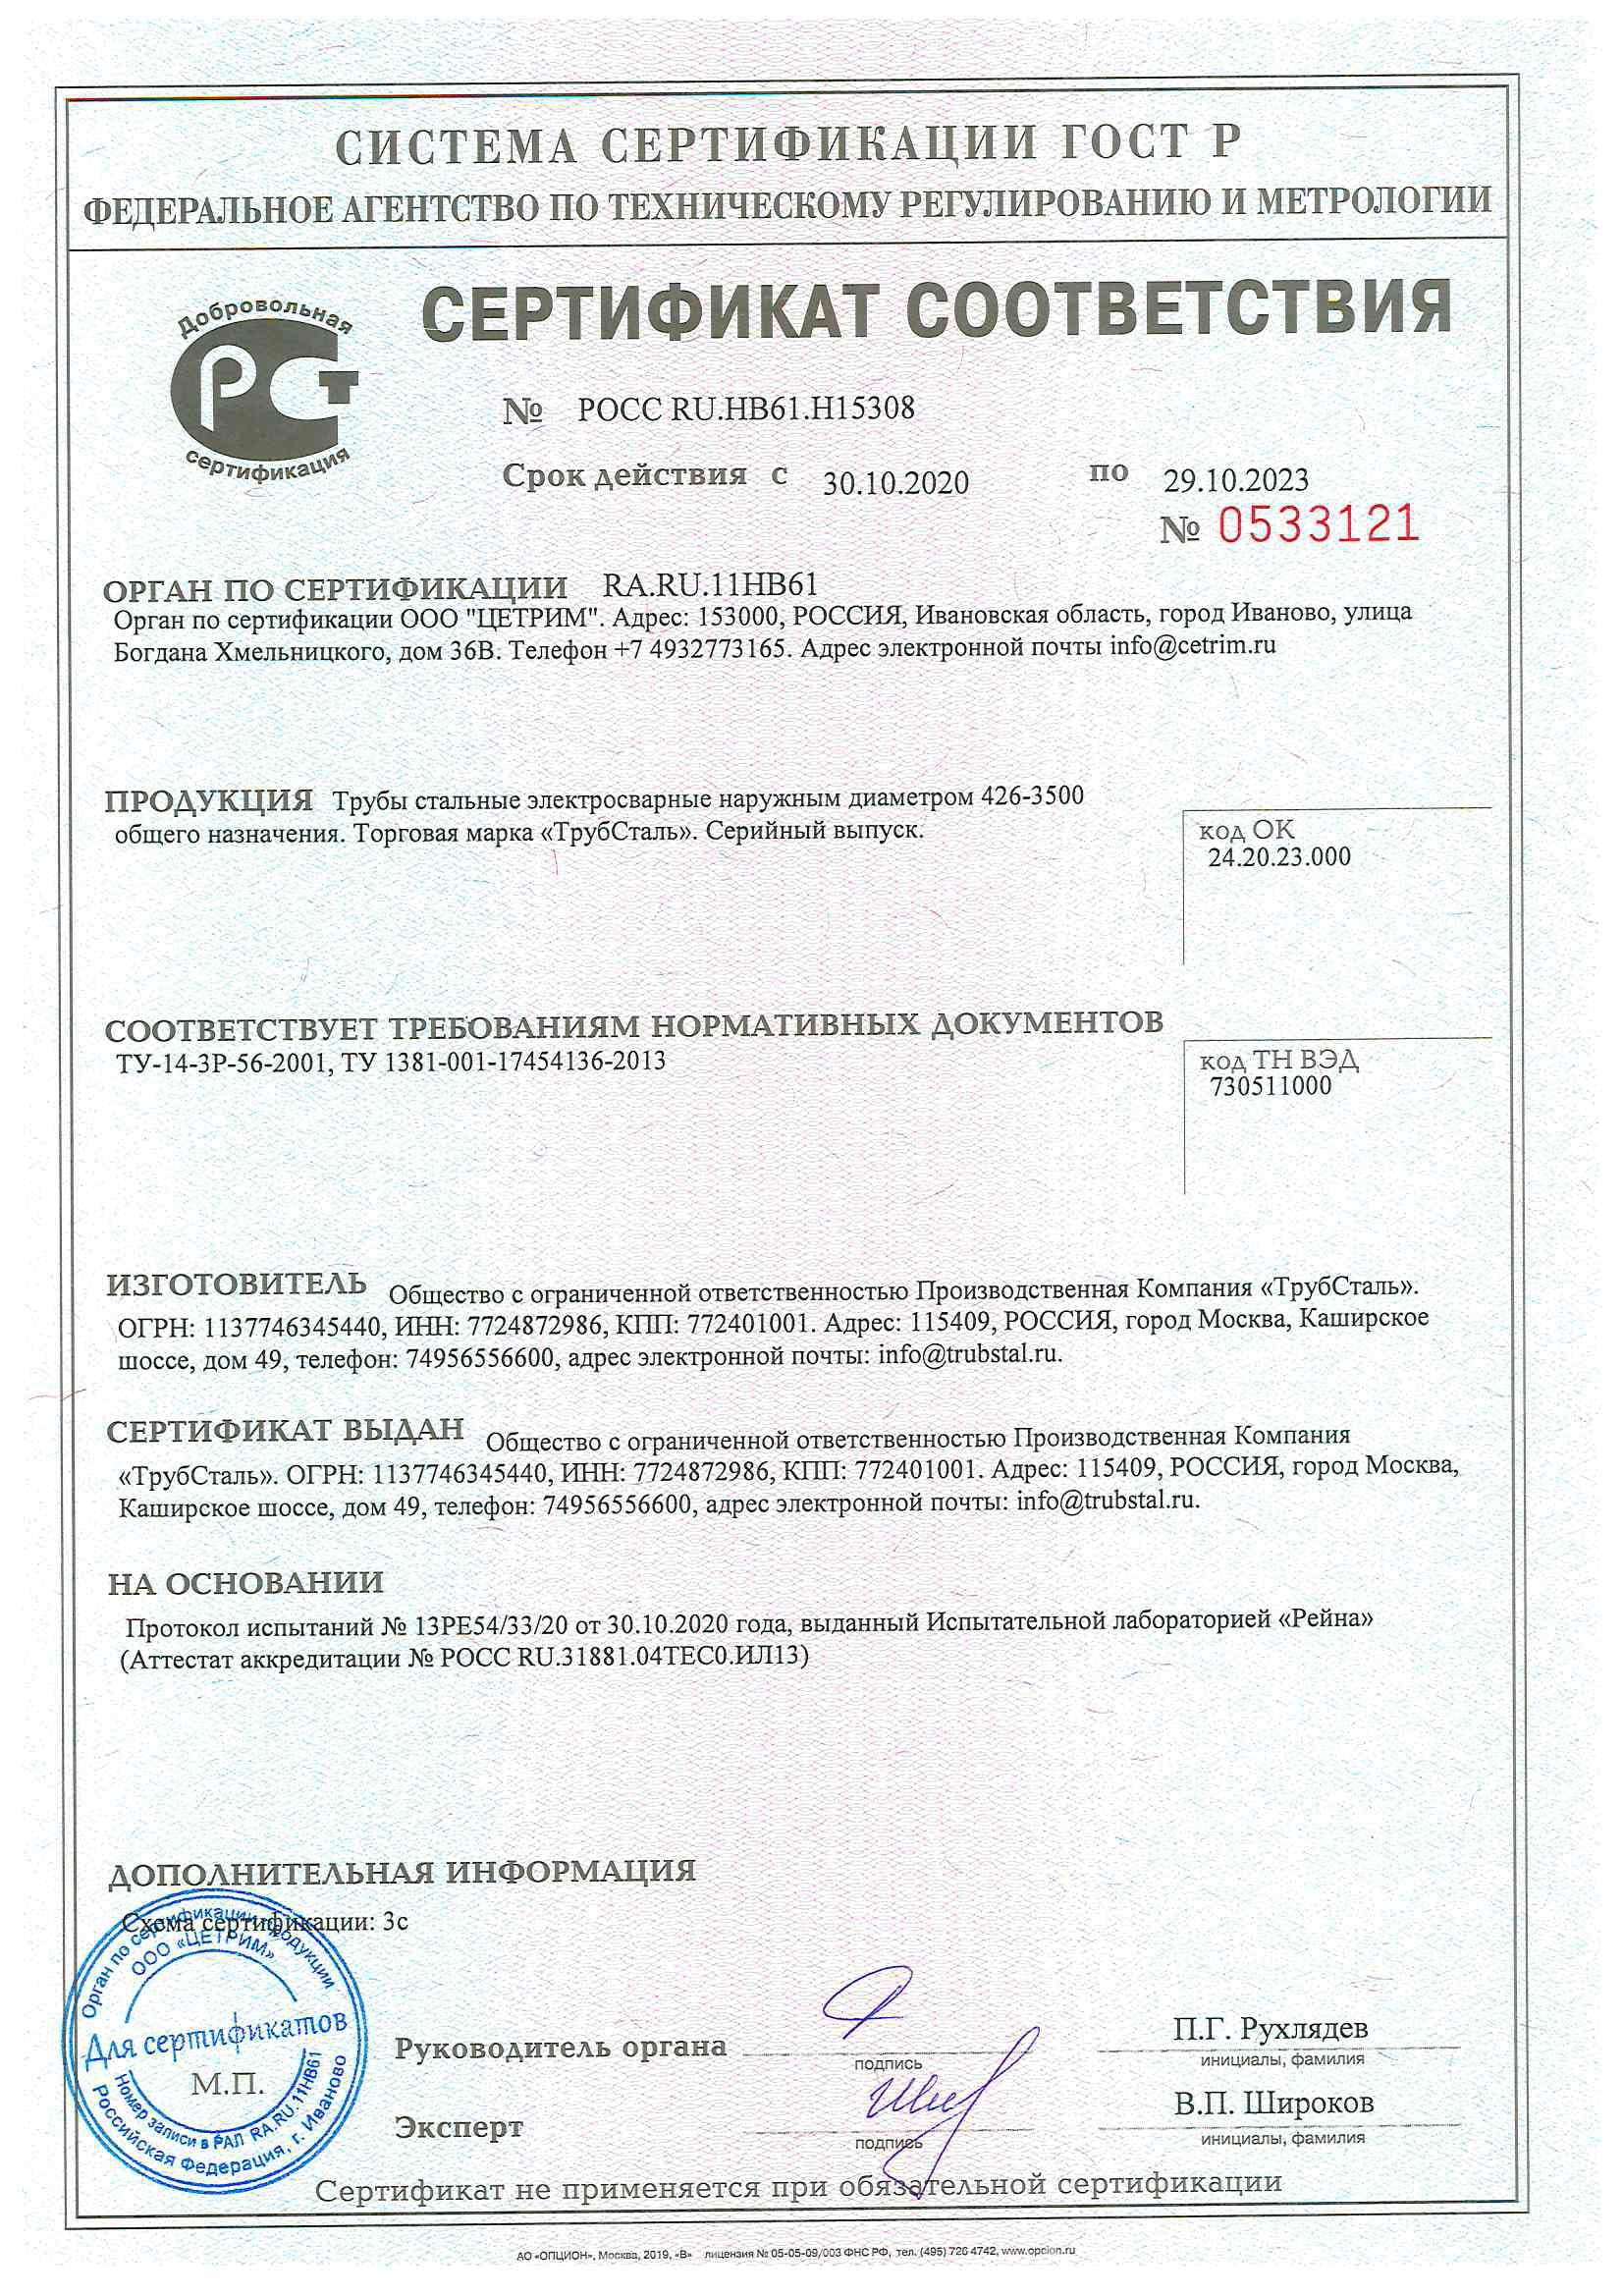 Сертификат соответствия труб сварных — завод деталей трубопровода ТрубСталь